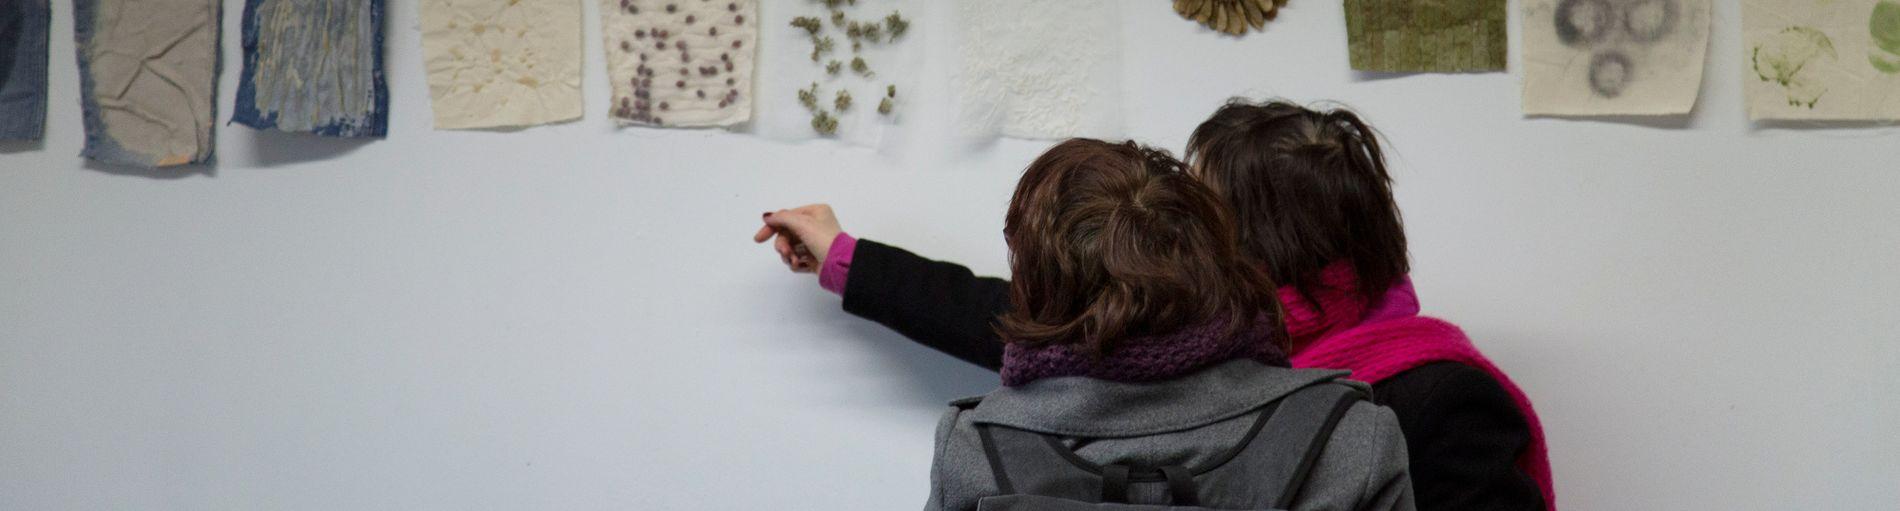 Zwei Frauen schauen sich an einer Wand hängende Exponate an.